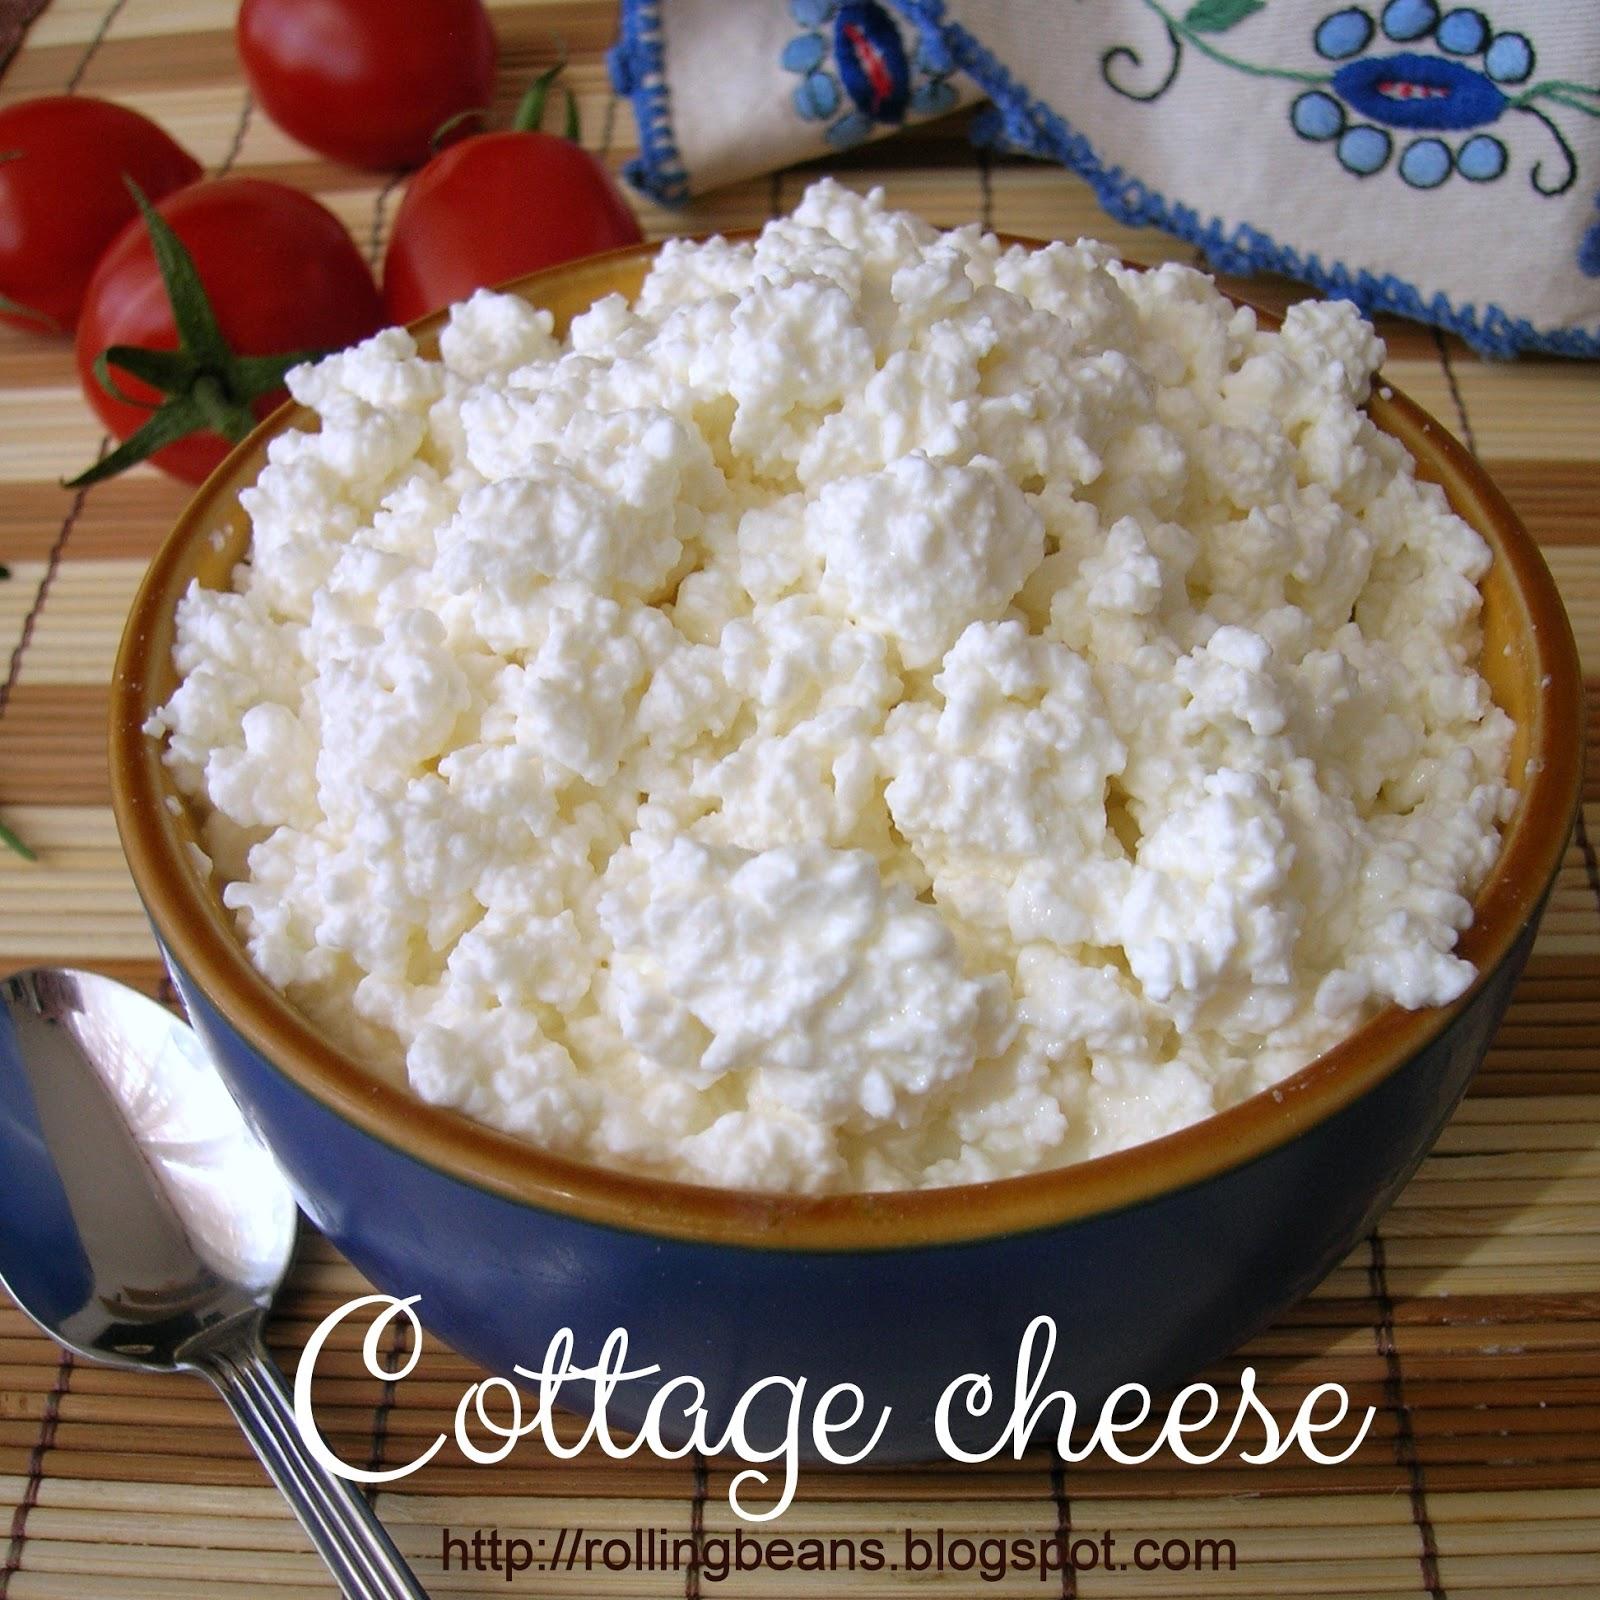 come fare il cottage cheese (fiocchi di latte)